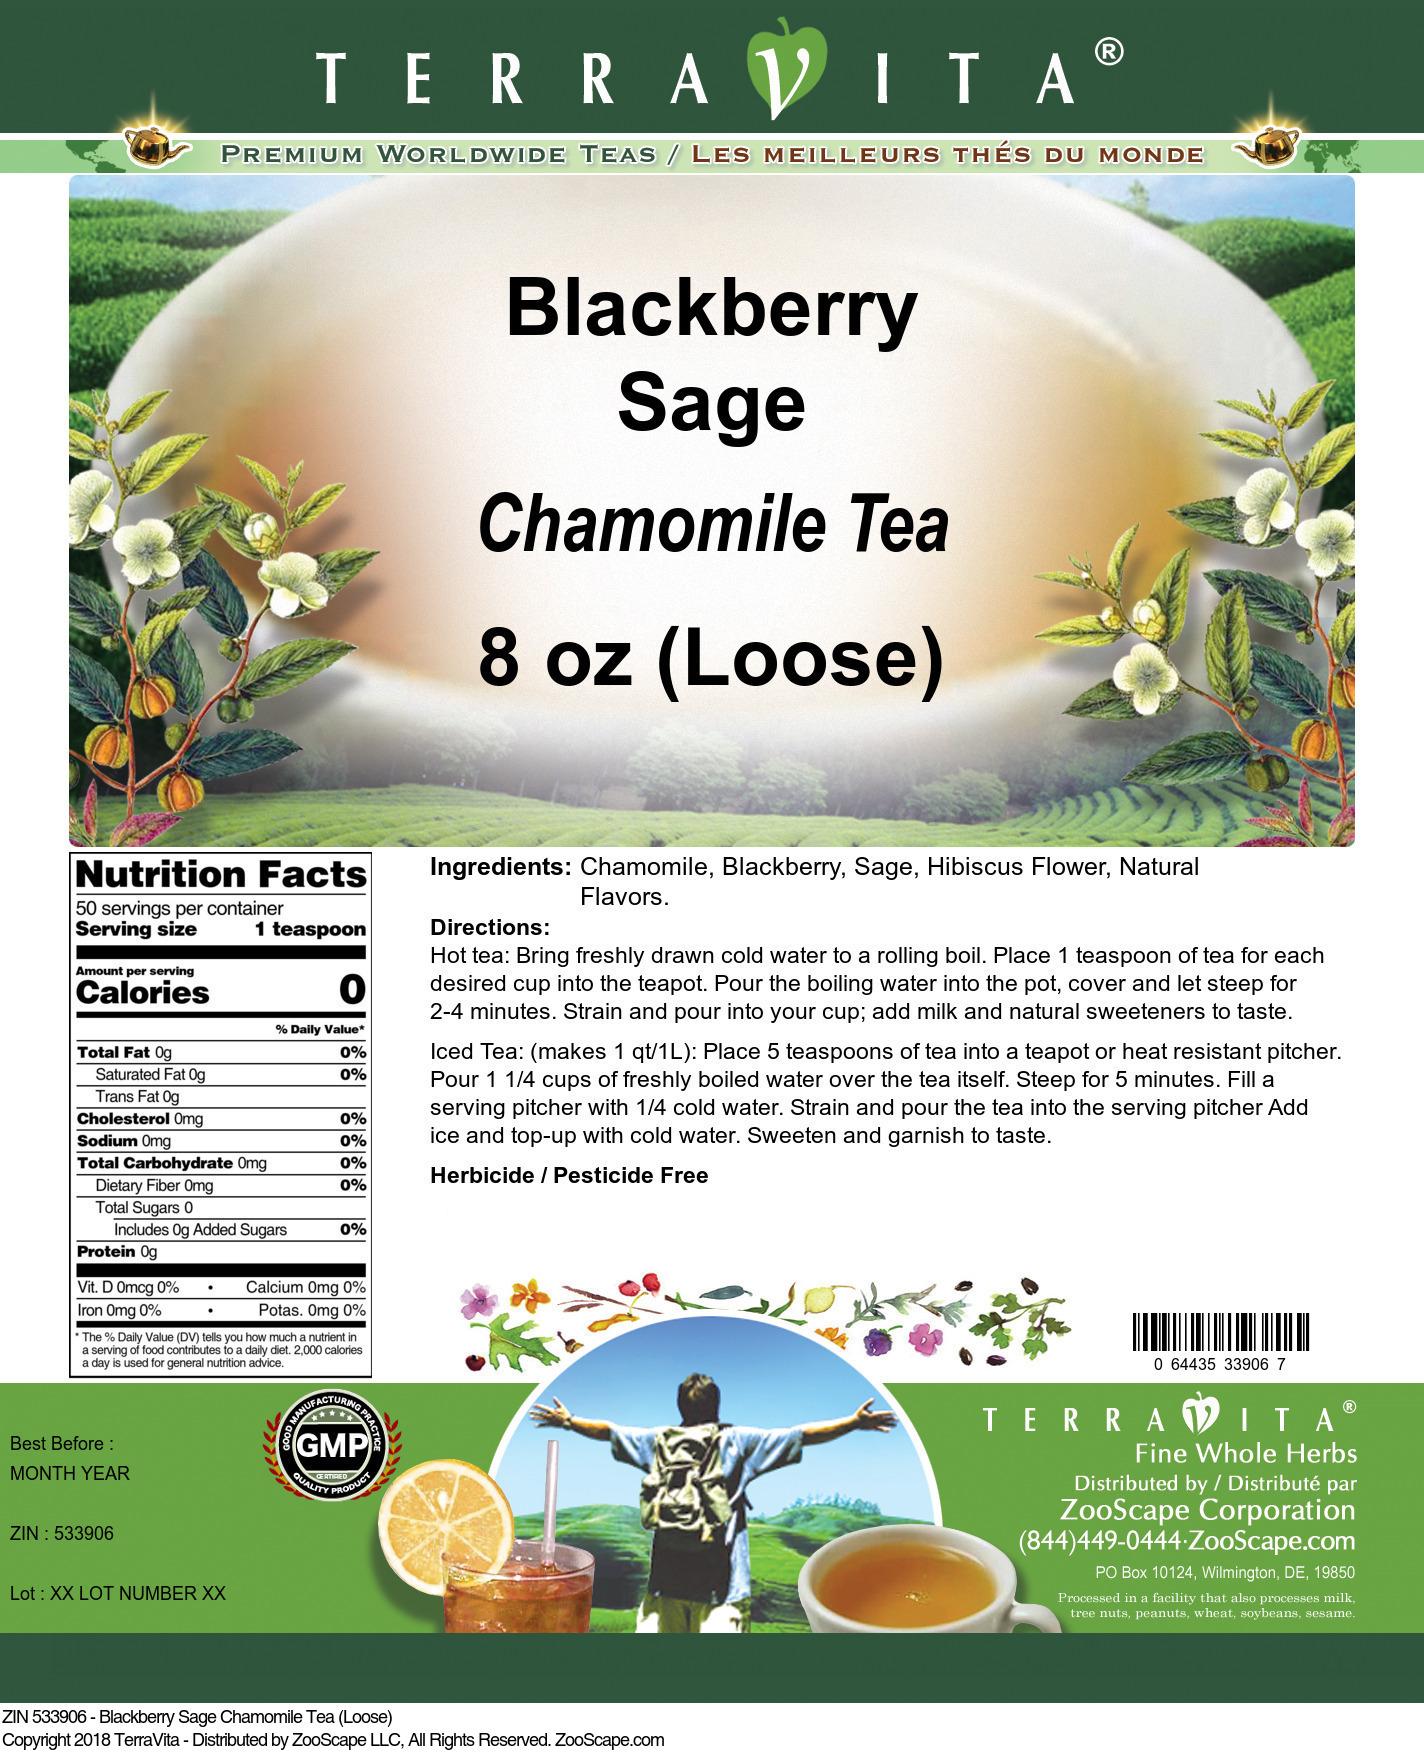 Blackberry Sage Chamomile Tea (Loose)